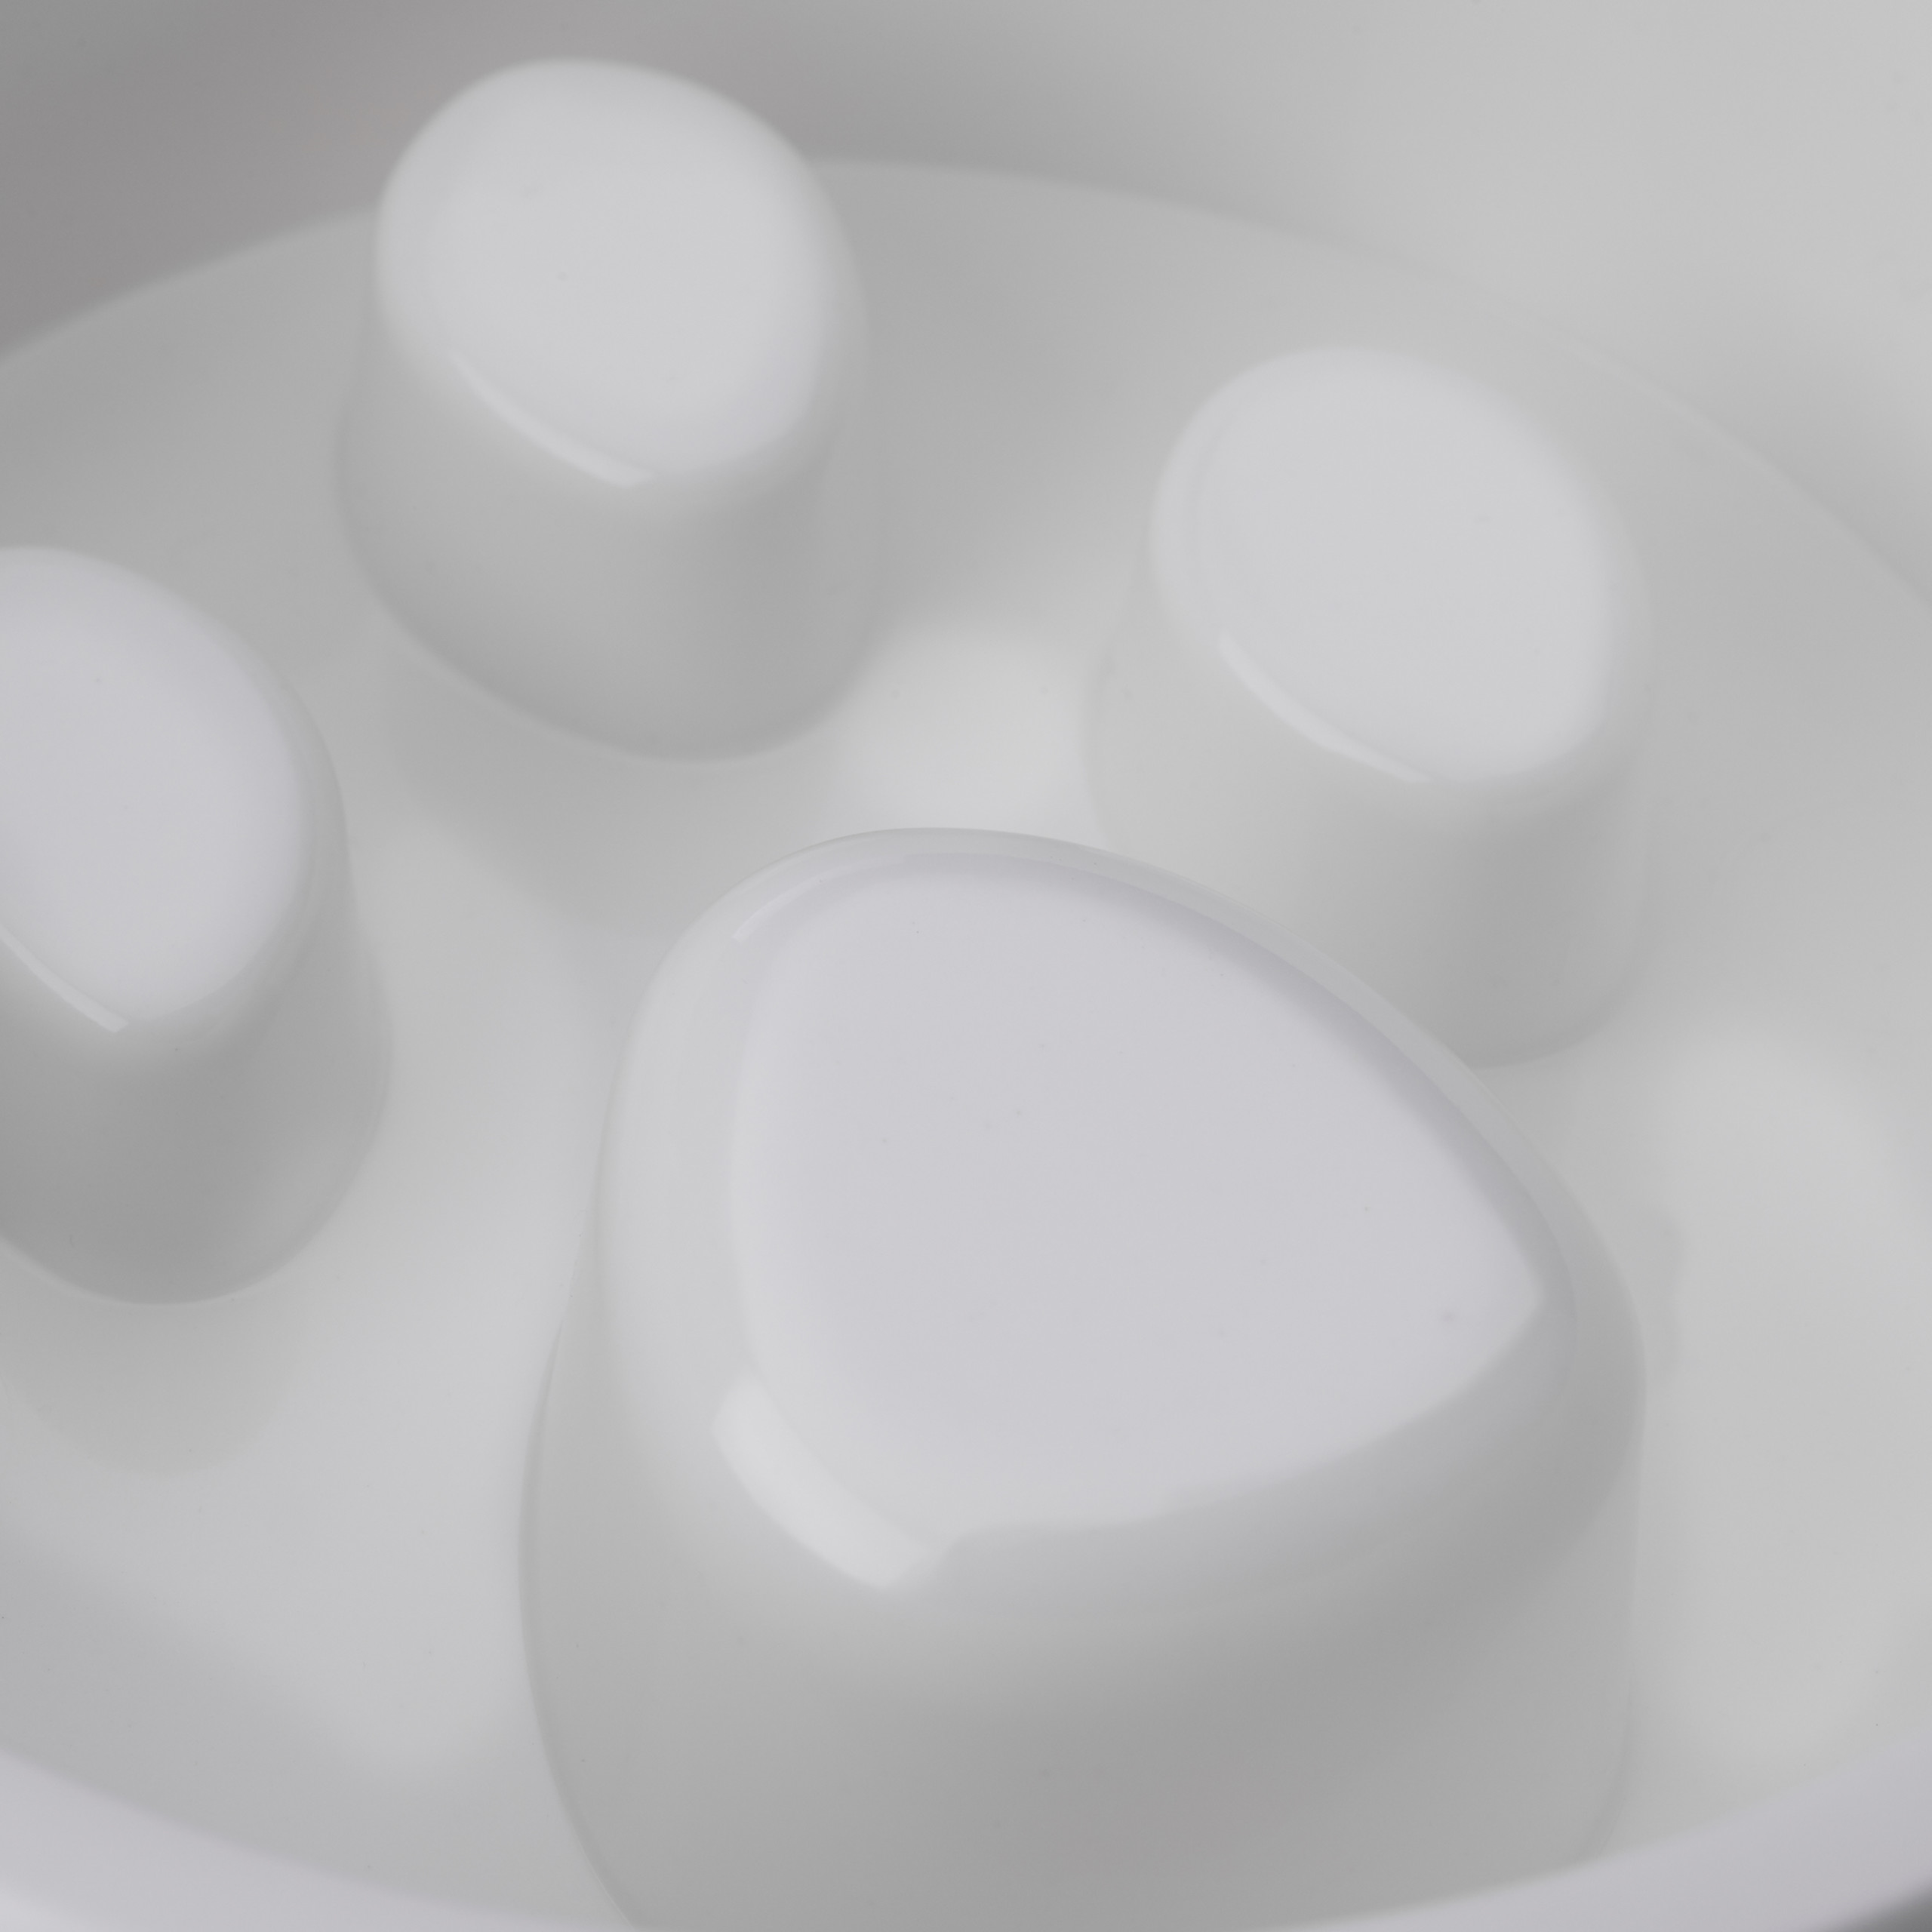 Slow-Eating-Feeding-Bowl-Large-Foraging-Dog-Bowl-Round-Bloat-Stop-Dish thumbnail 13